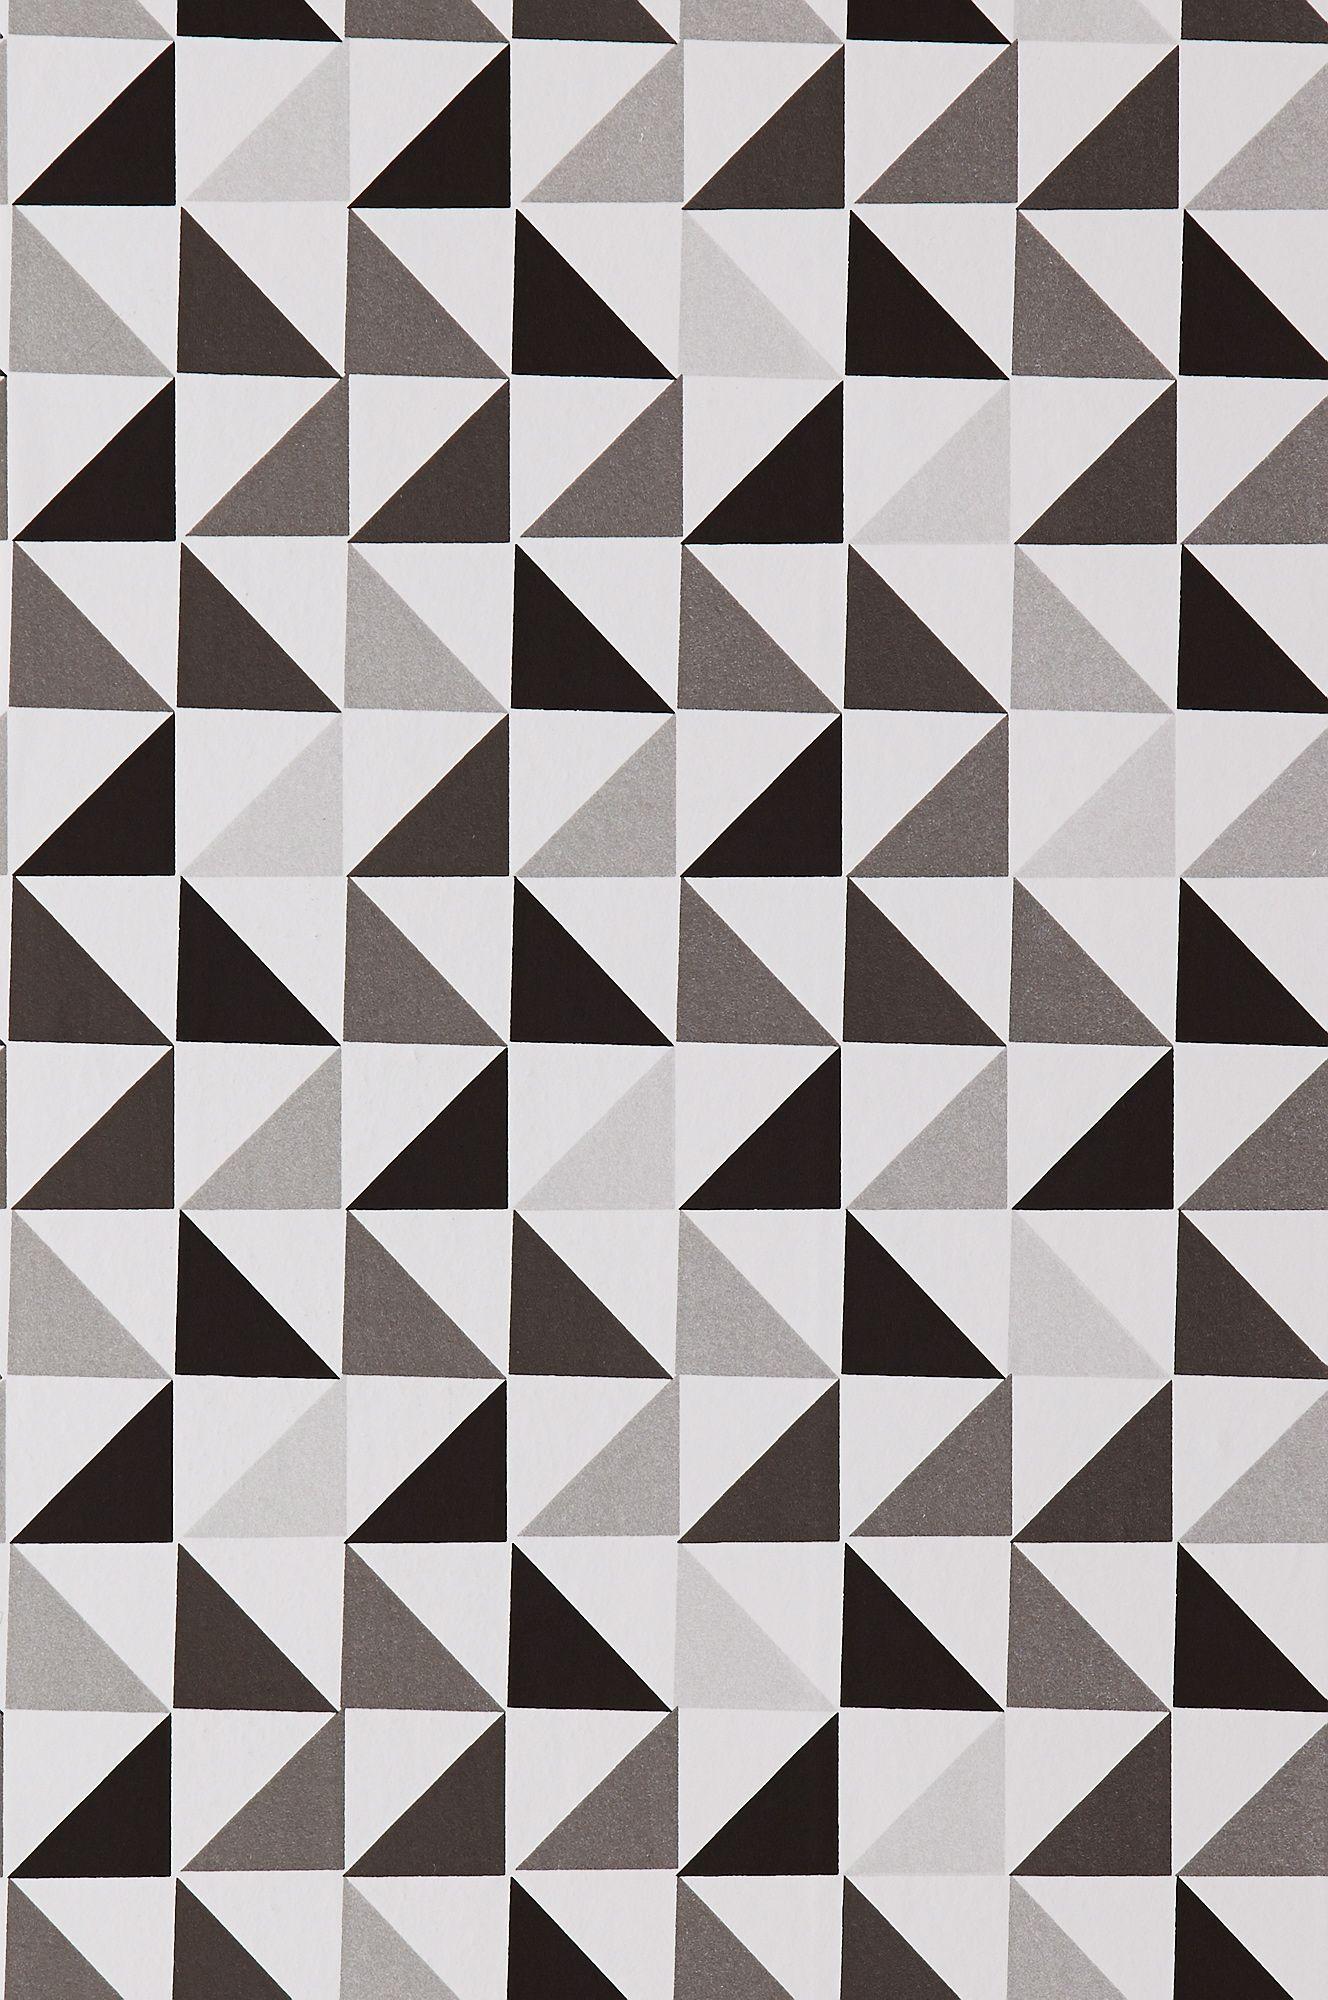 Wallpaper by ellos Bev-tapetti väreissä Harmaa kategoria Koti - Kuviolliset - Ellos